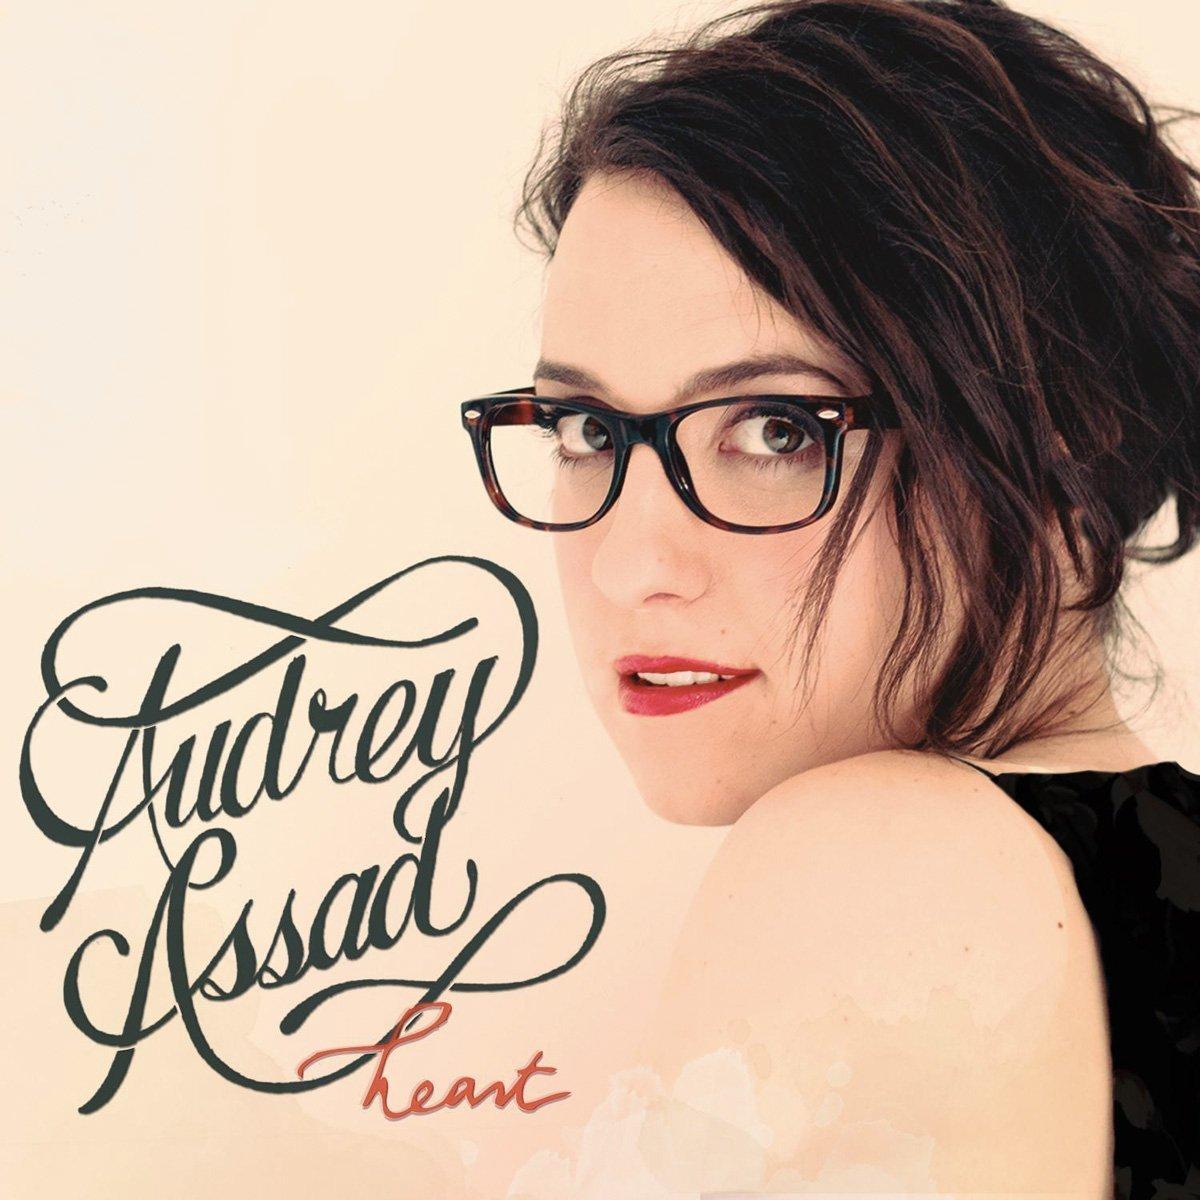 Heart by audrey assad